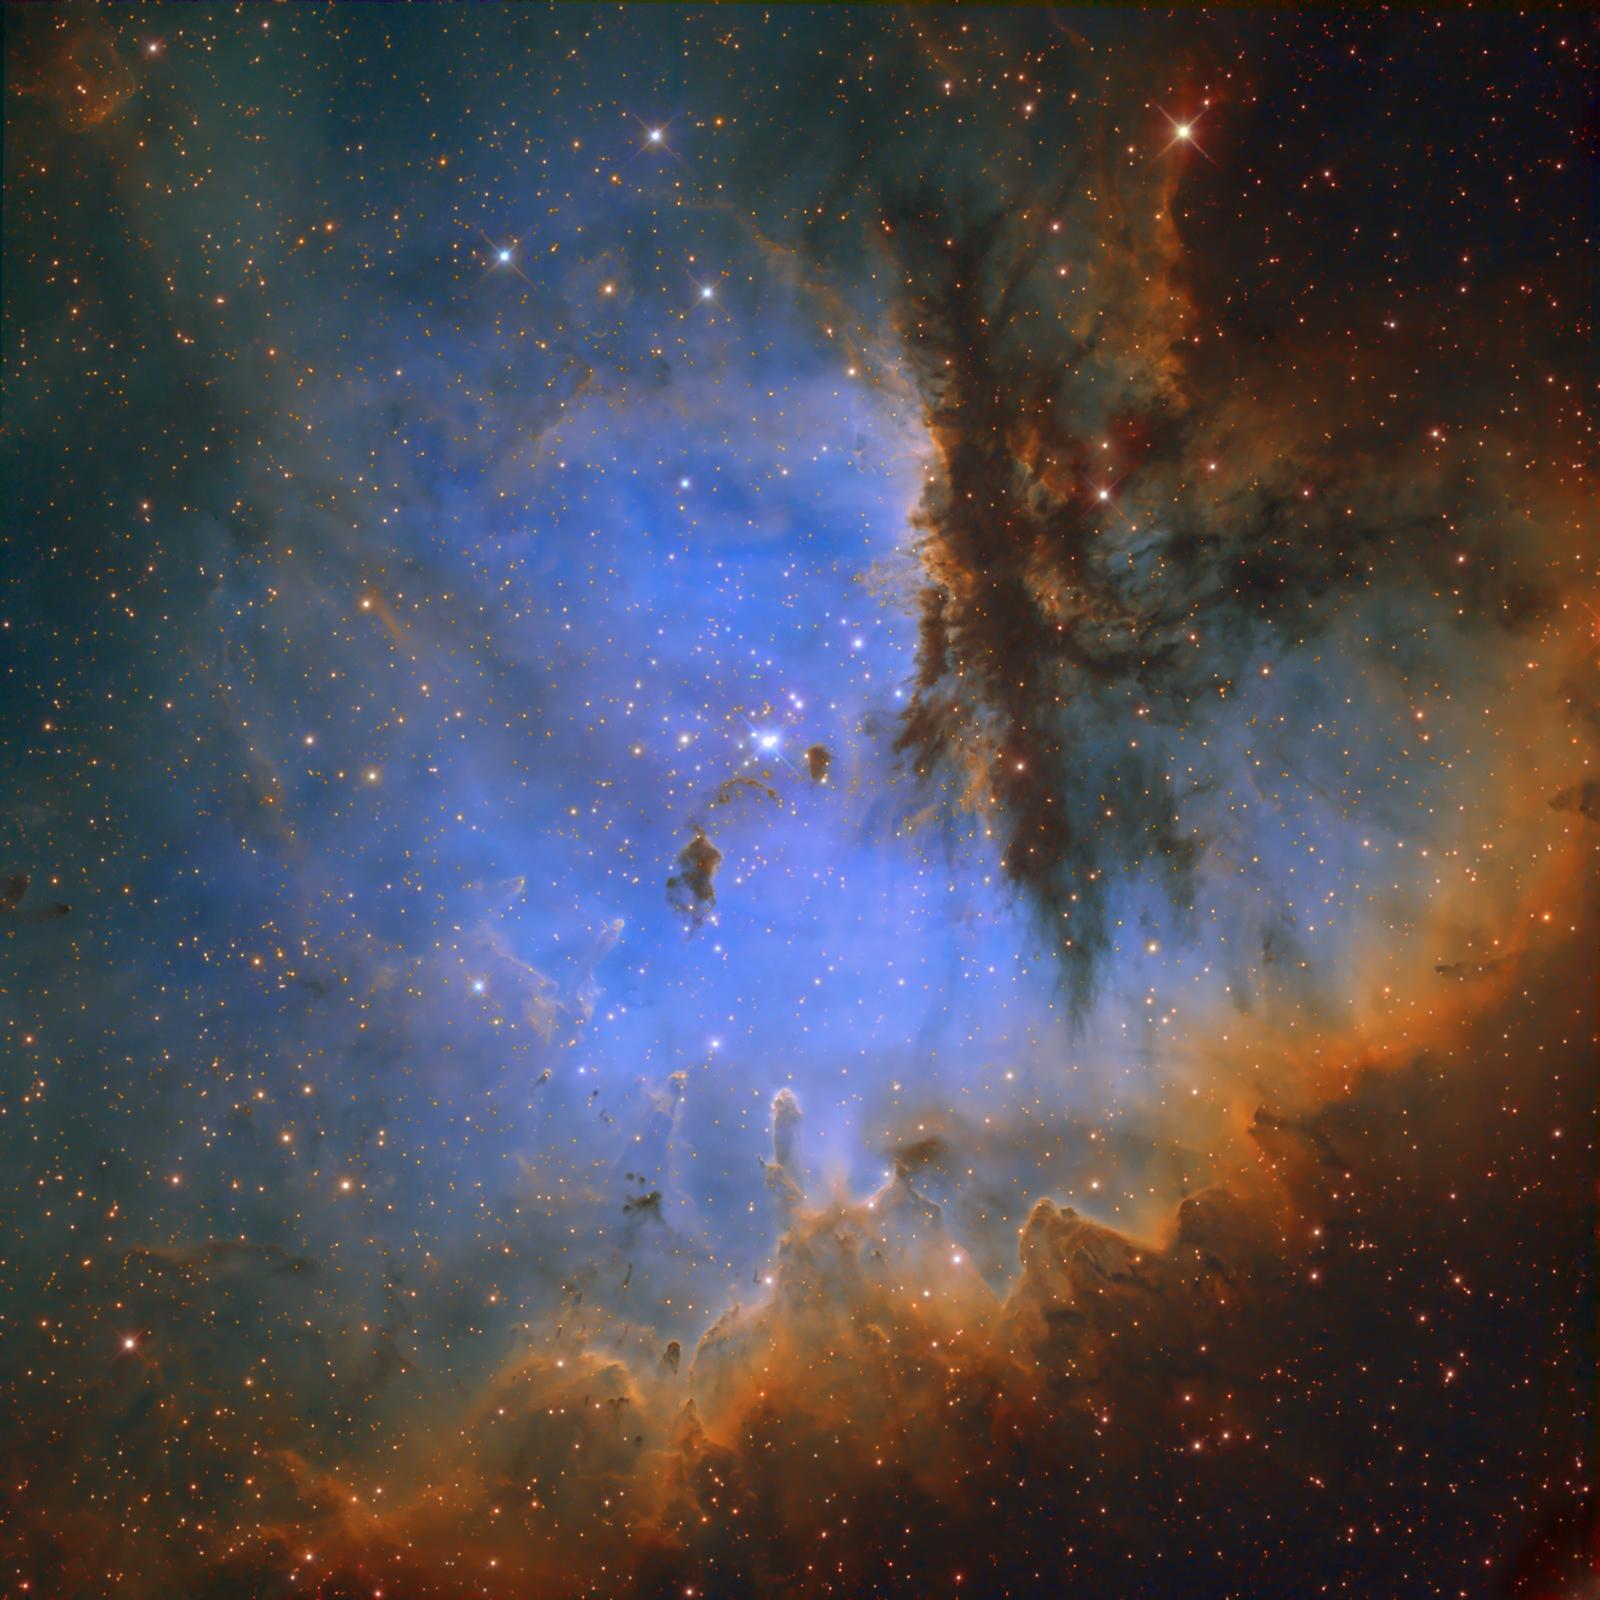 カシオペヤ座の散光星雲NGC 281